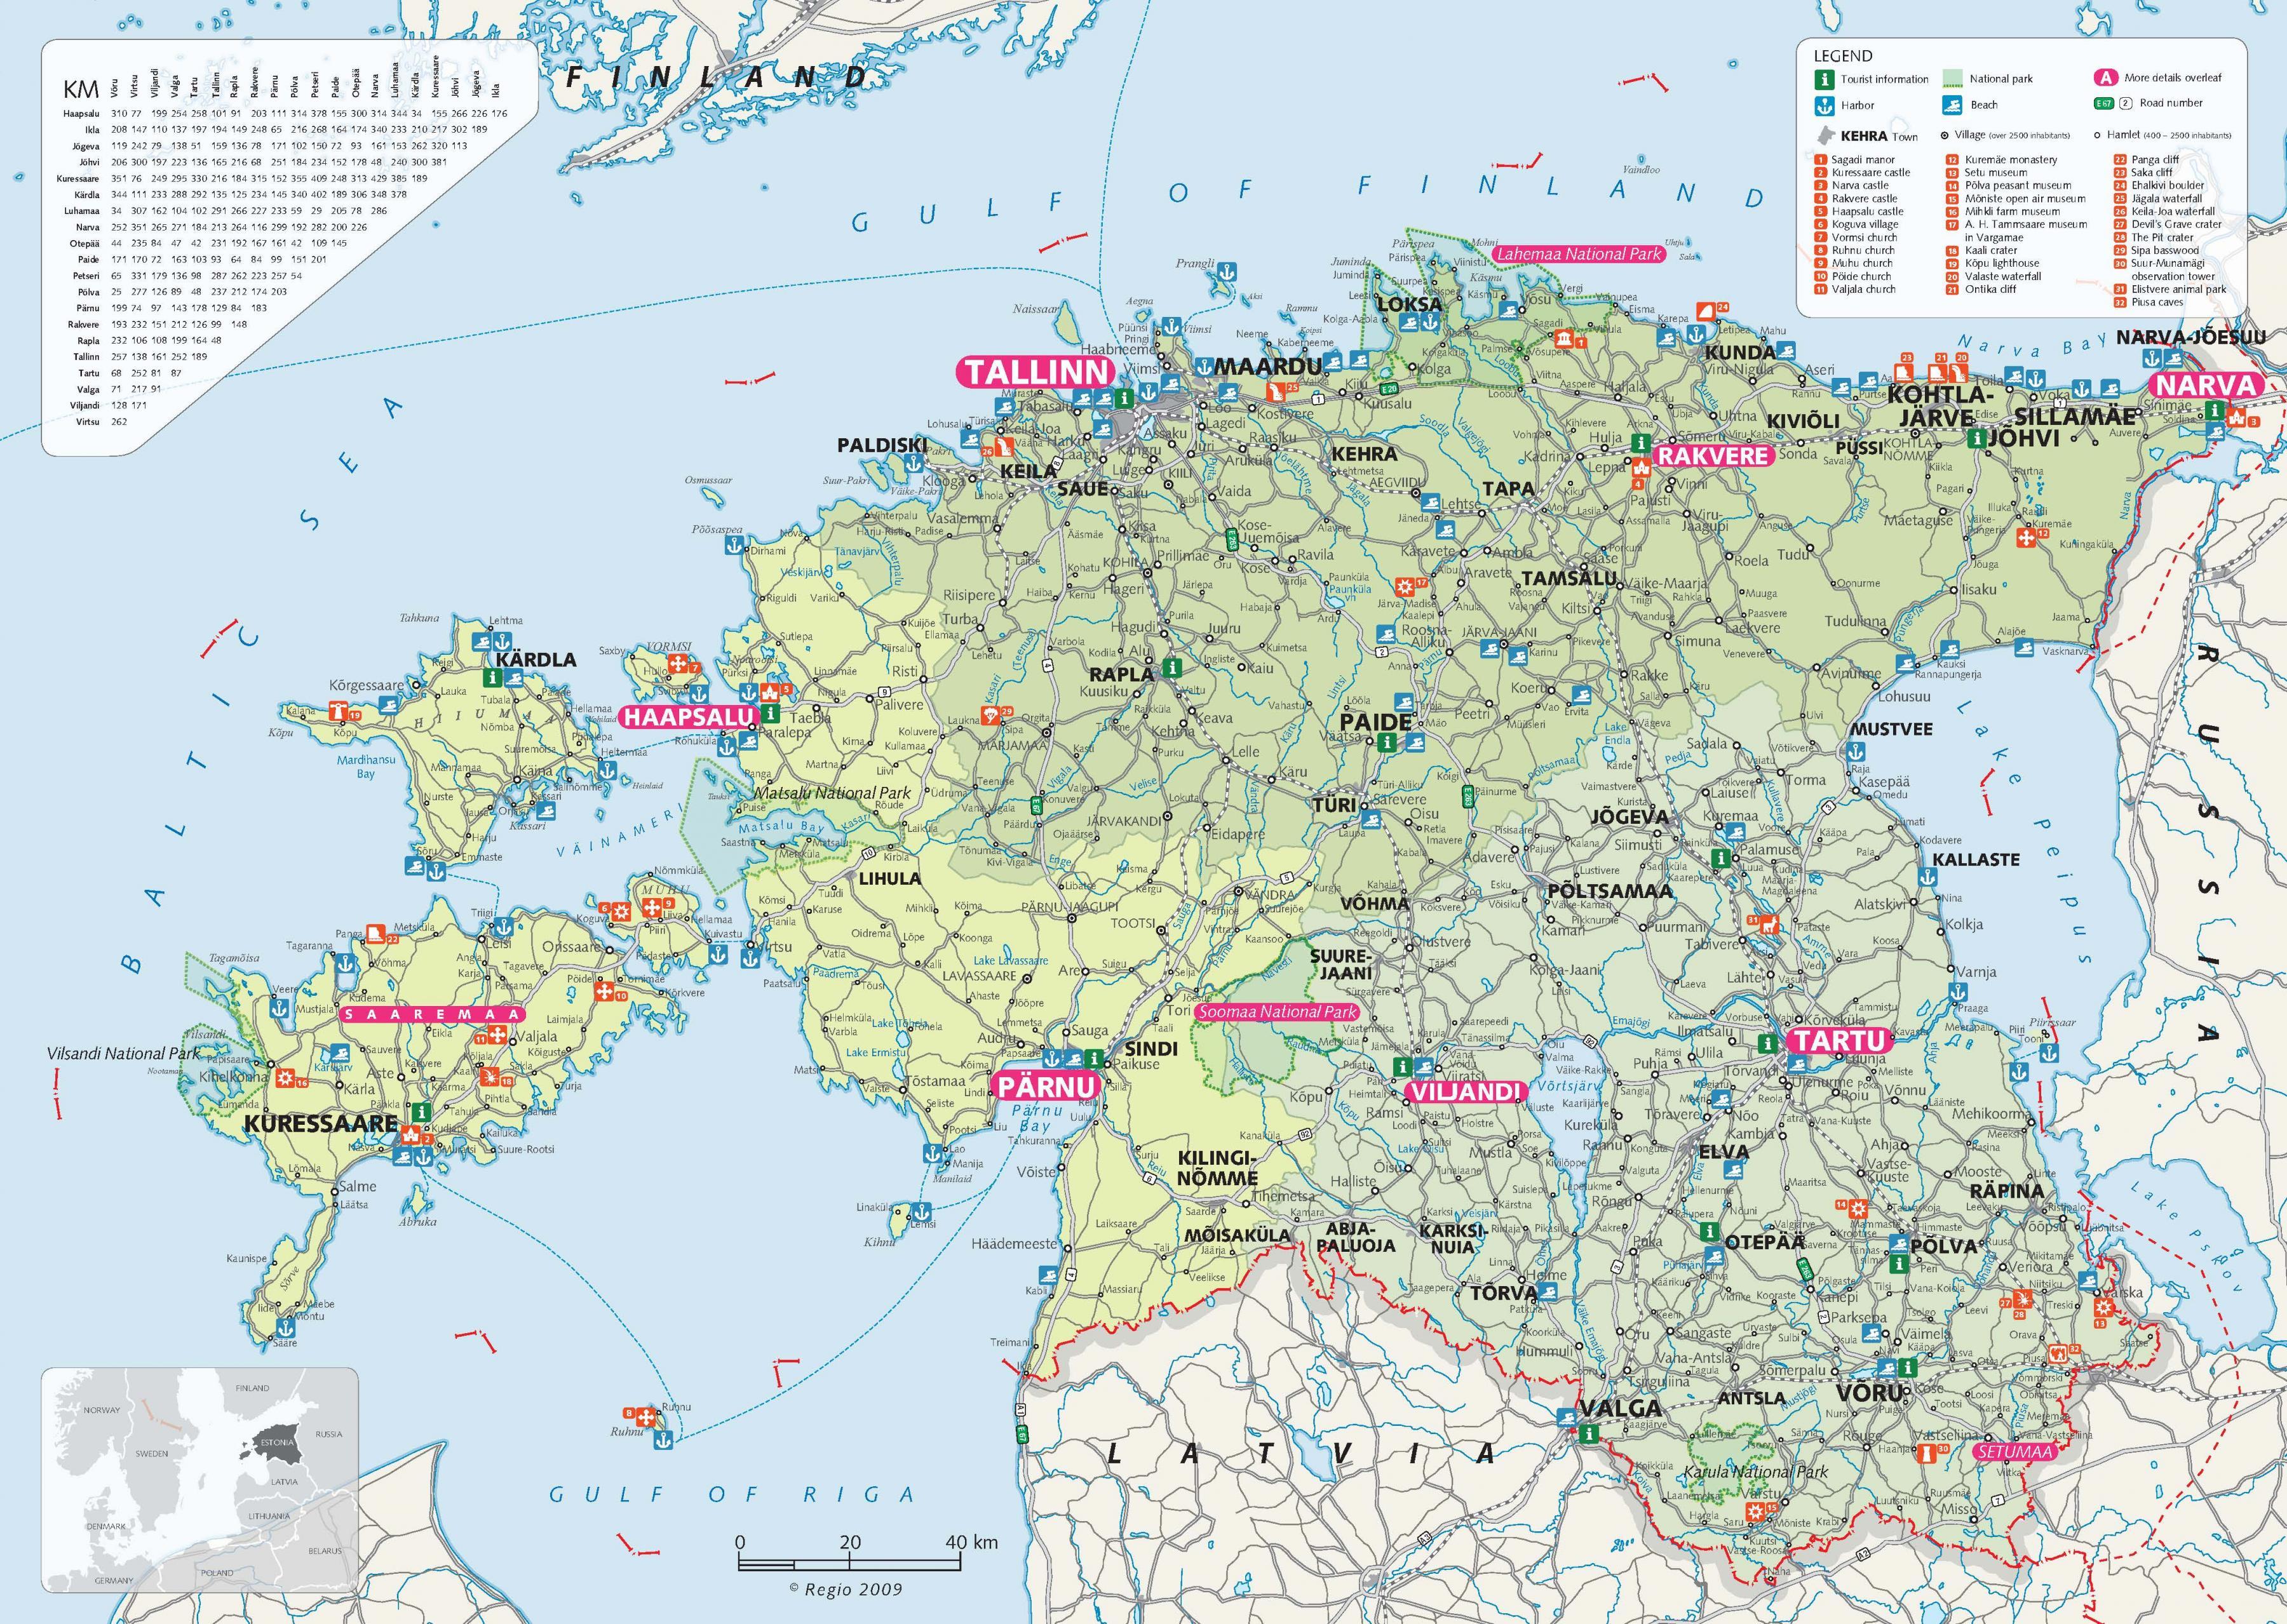 Karte Anzeigen.Estland Tourist Map Touristische Landkarte Estland Europa